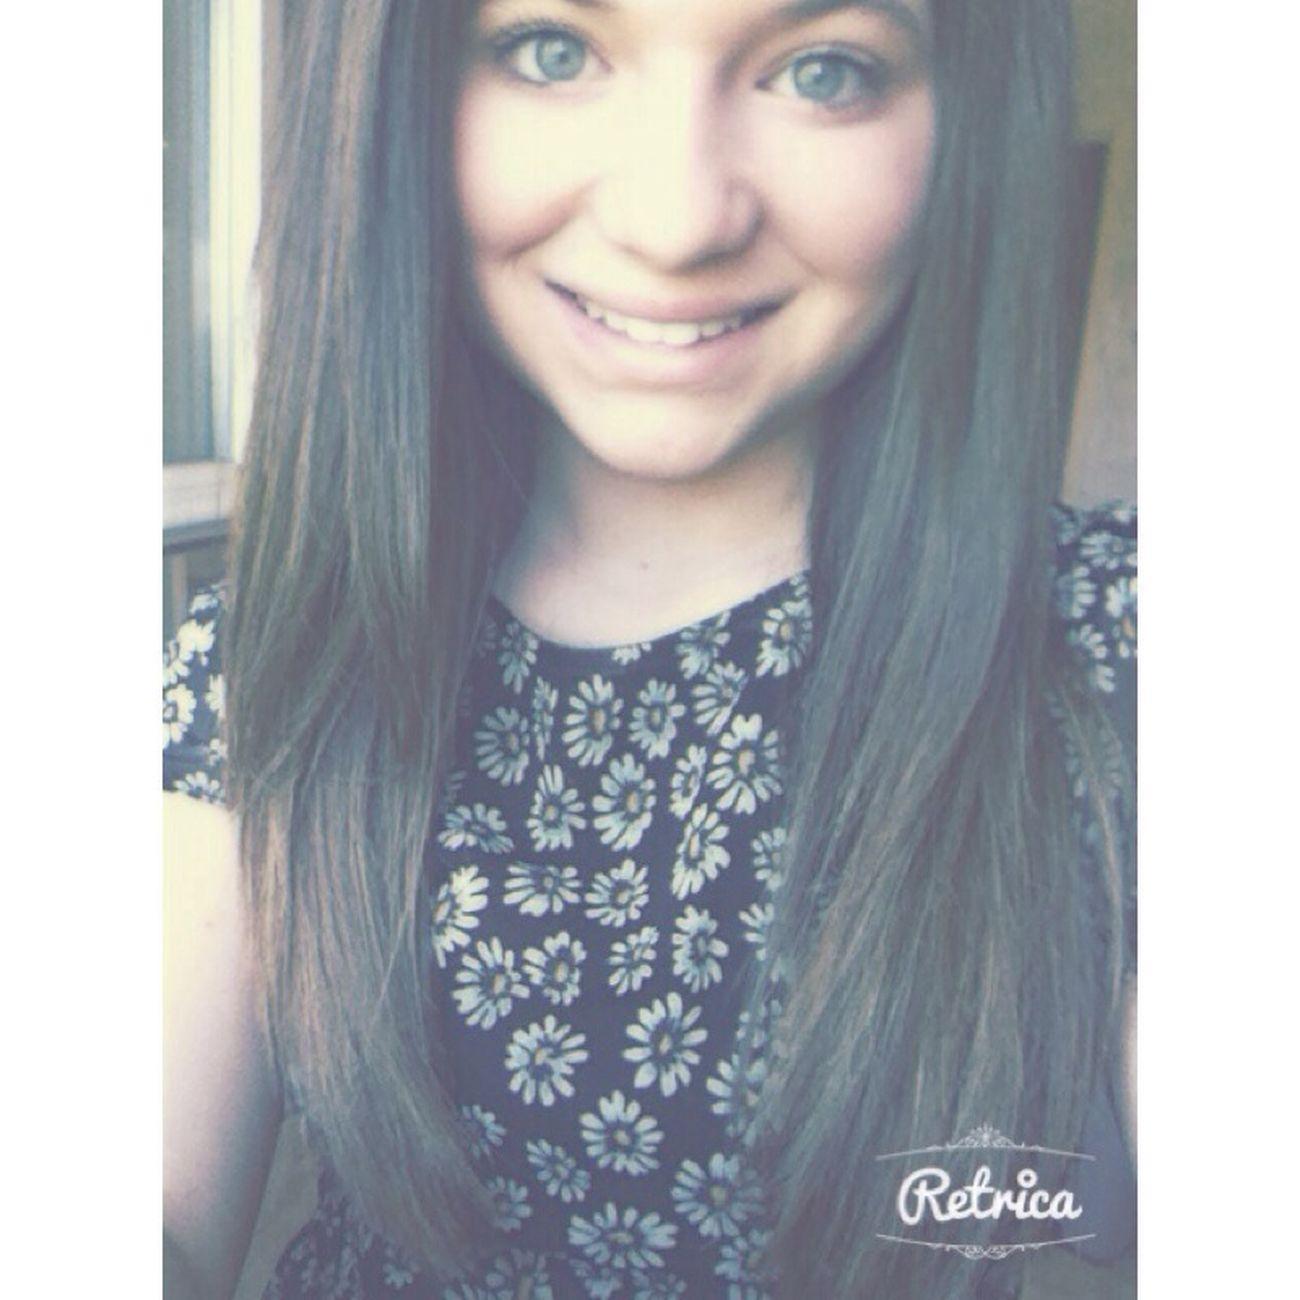 Color Portrait Selfie Me